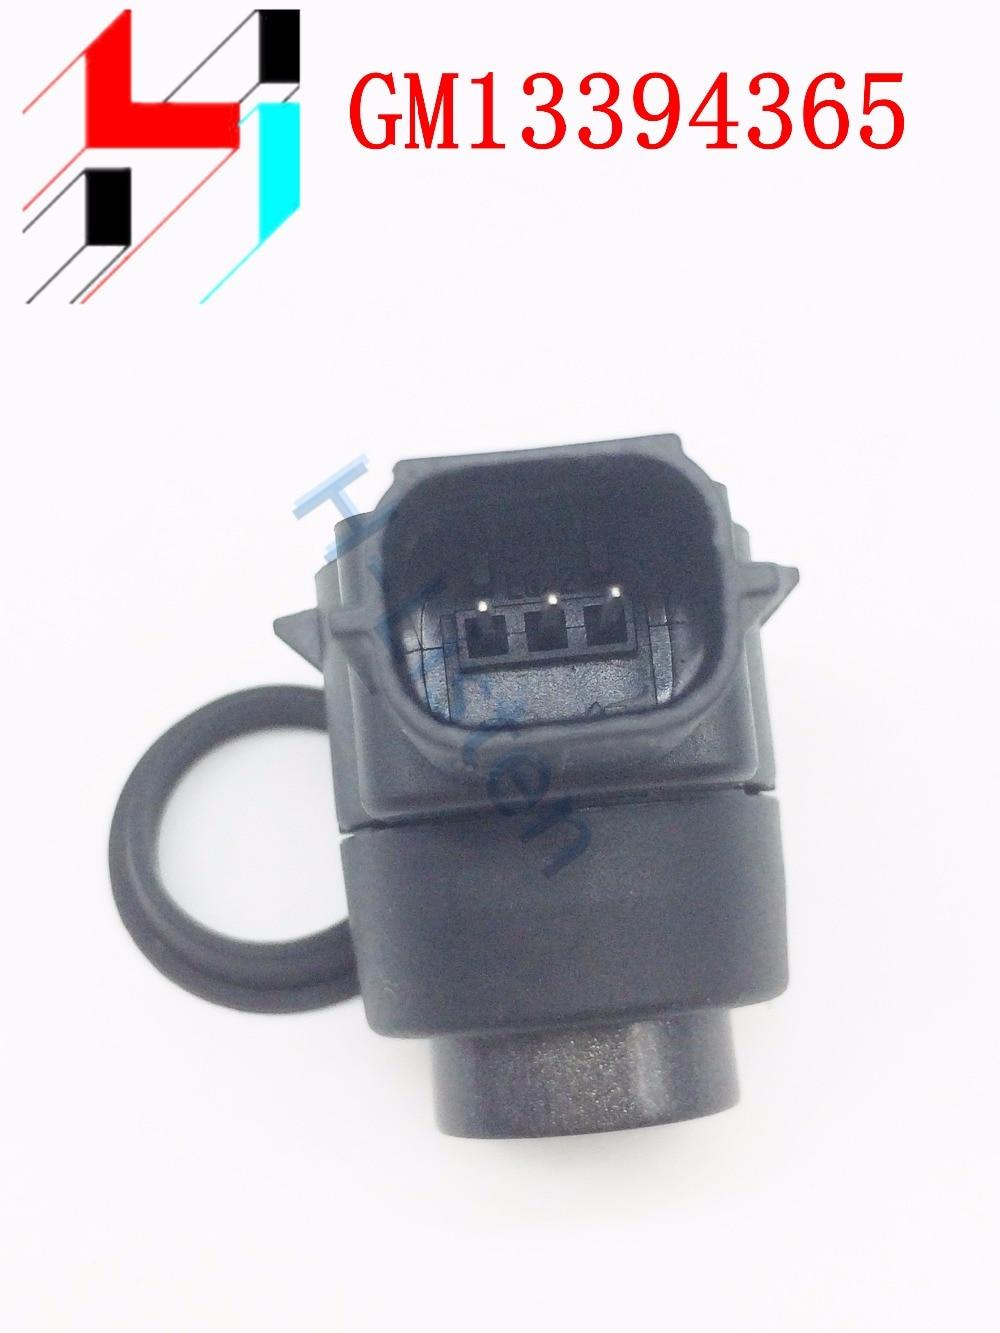 (4 шт.) 13394365 оригинальный парковочный ультразвуковой датчик постоянного тока для OE #0263013943